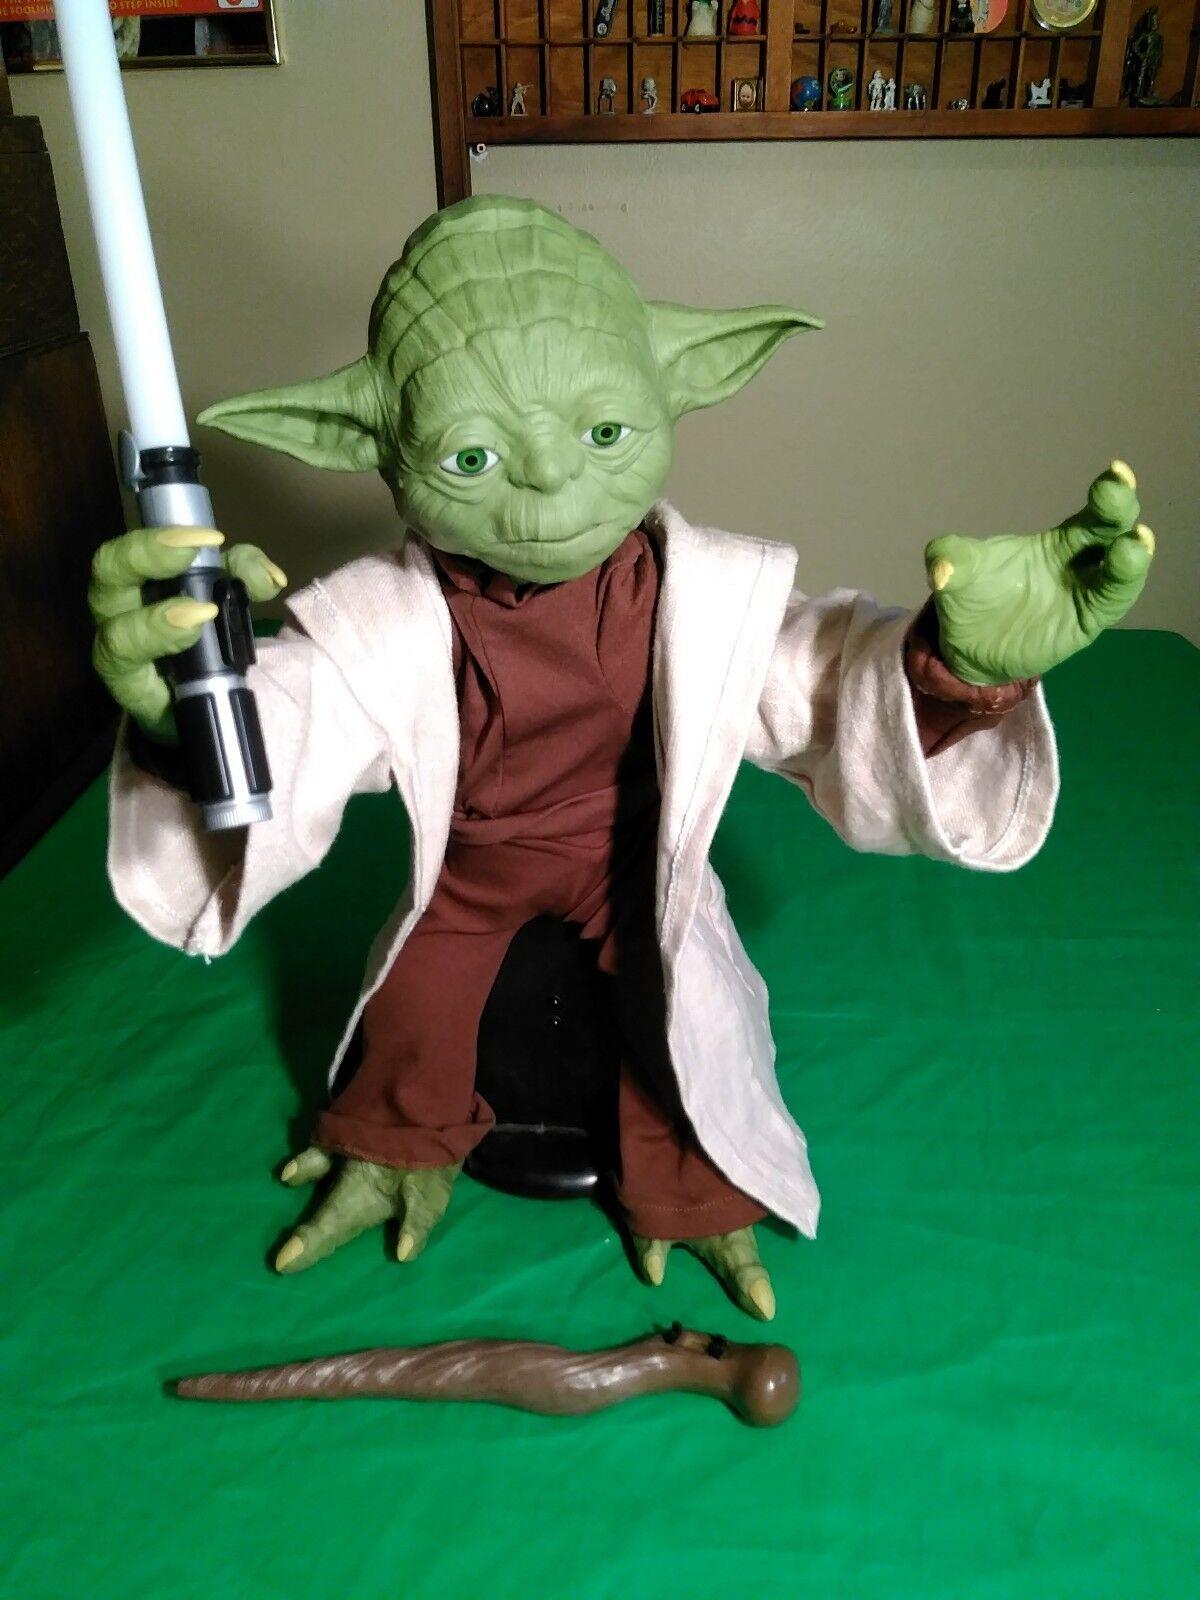 Star wars jedi - meister yoda interaktive mit legendären action - figur